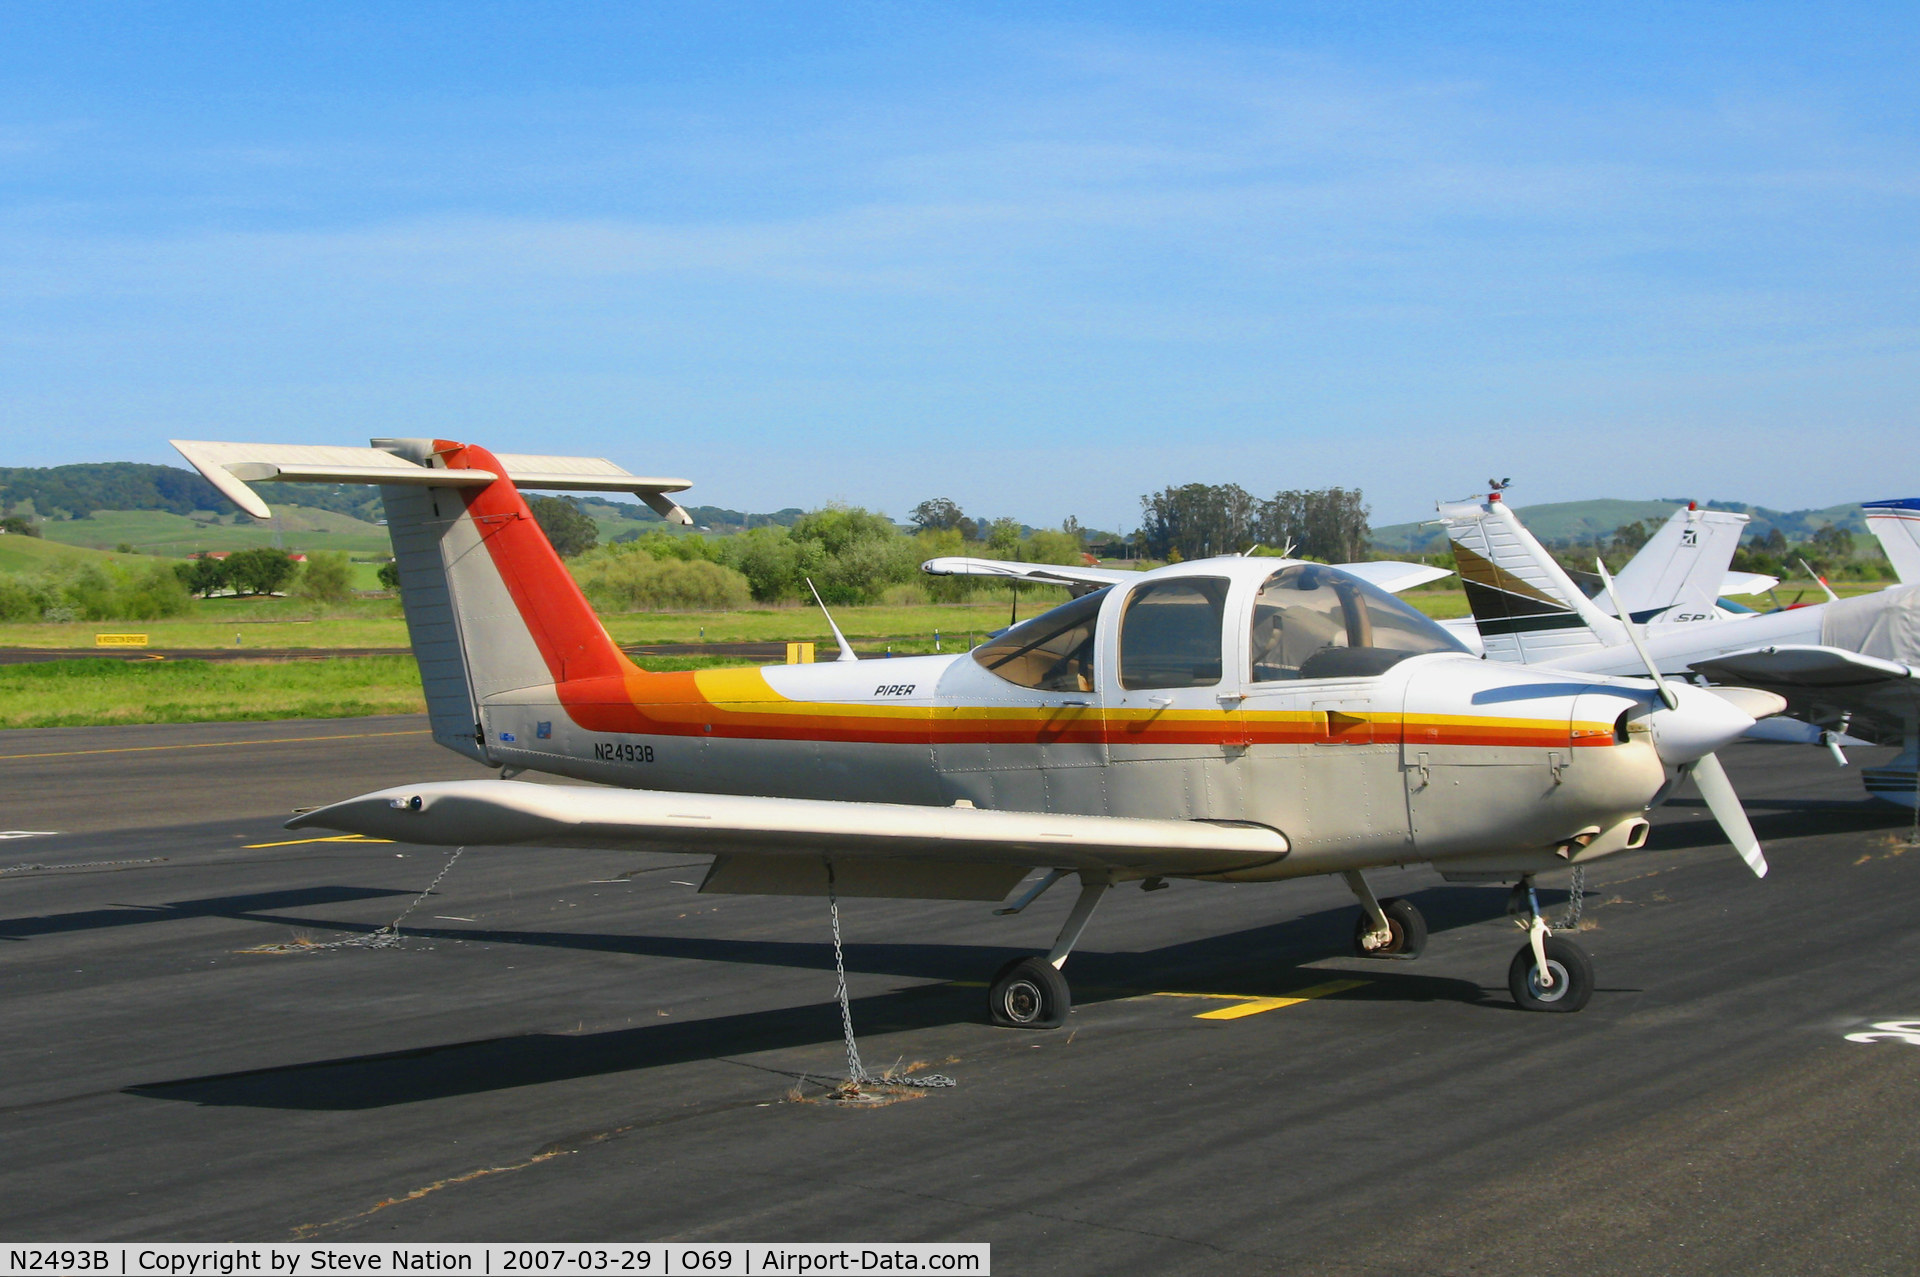 N2493B, 1978 Piper PA-38-112 C/N 38-79A0089, 1978 Piper PA-38-112 @ Petaluma, CA